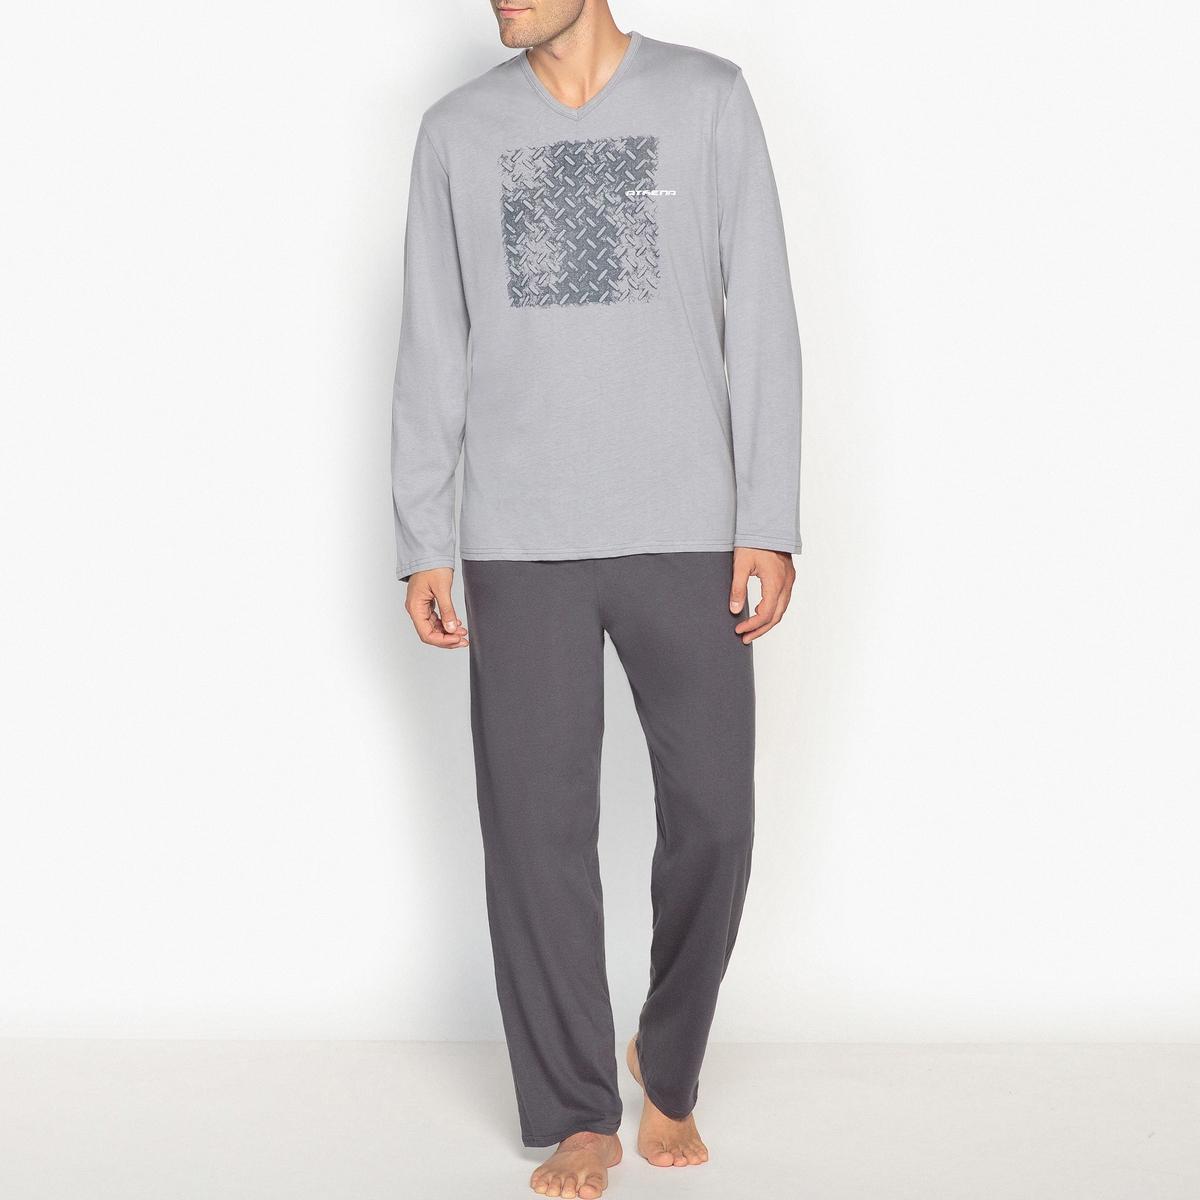 Пижама с длинными рукавами пижама из двух материалов с длинными рукавами